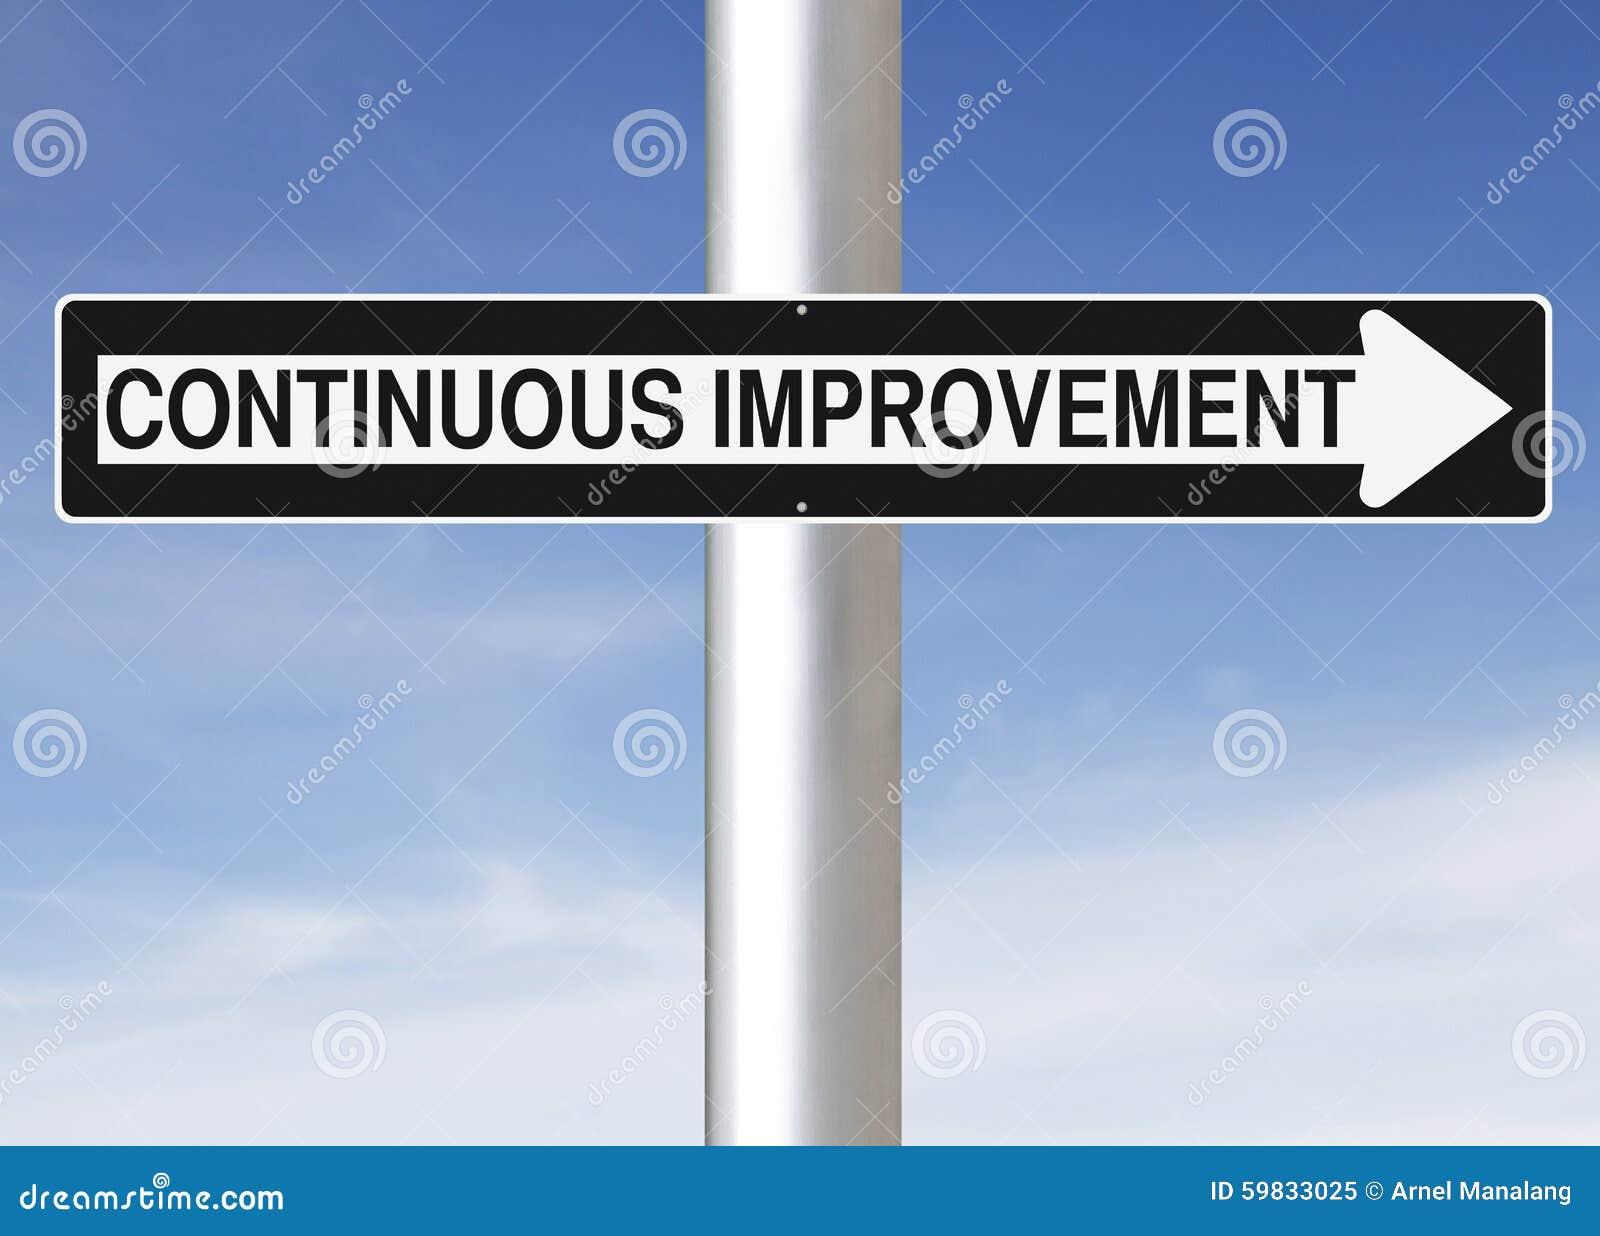 Ununterbrochene Verbesserung